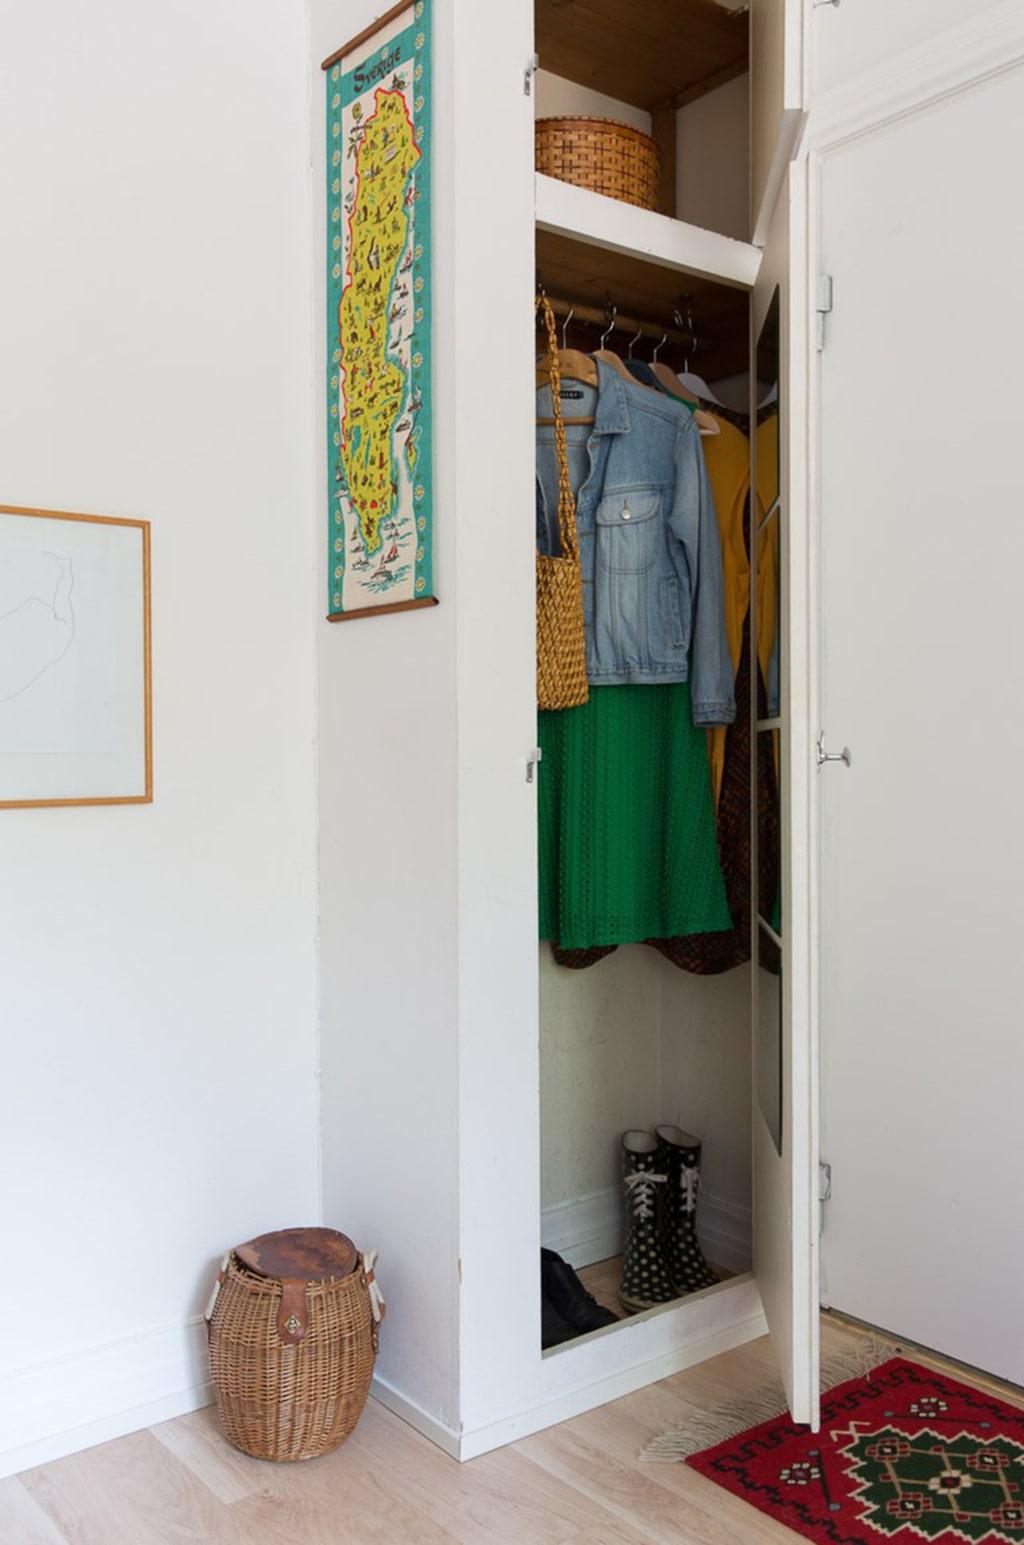 Garderob intill ytterdörren.